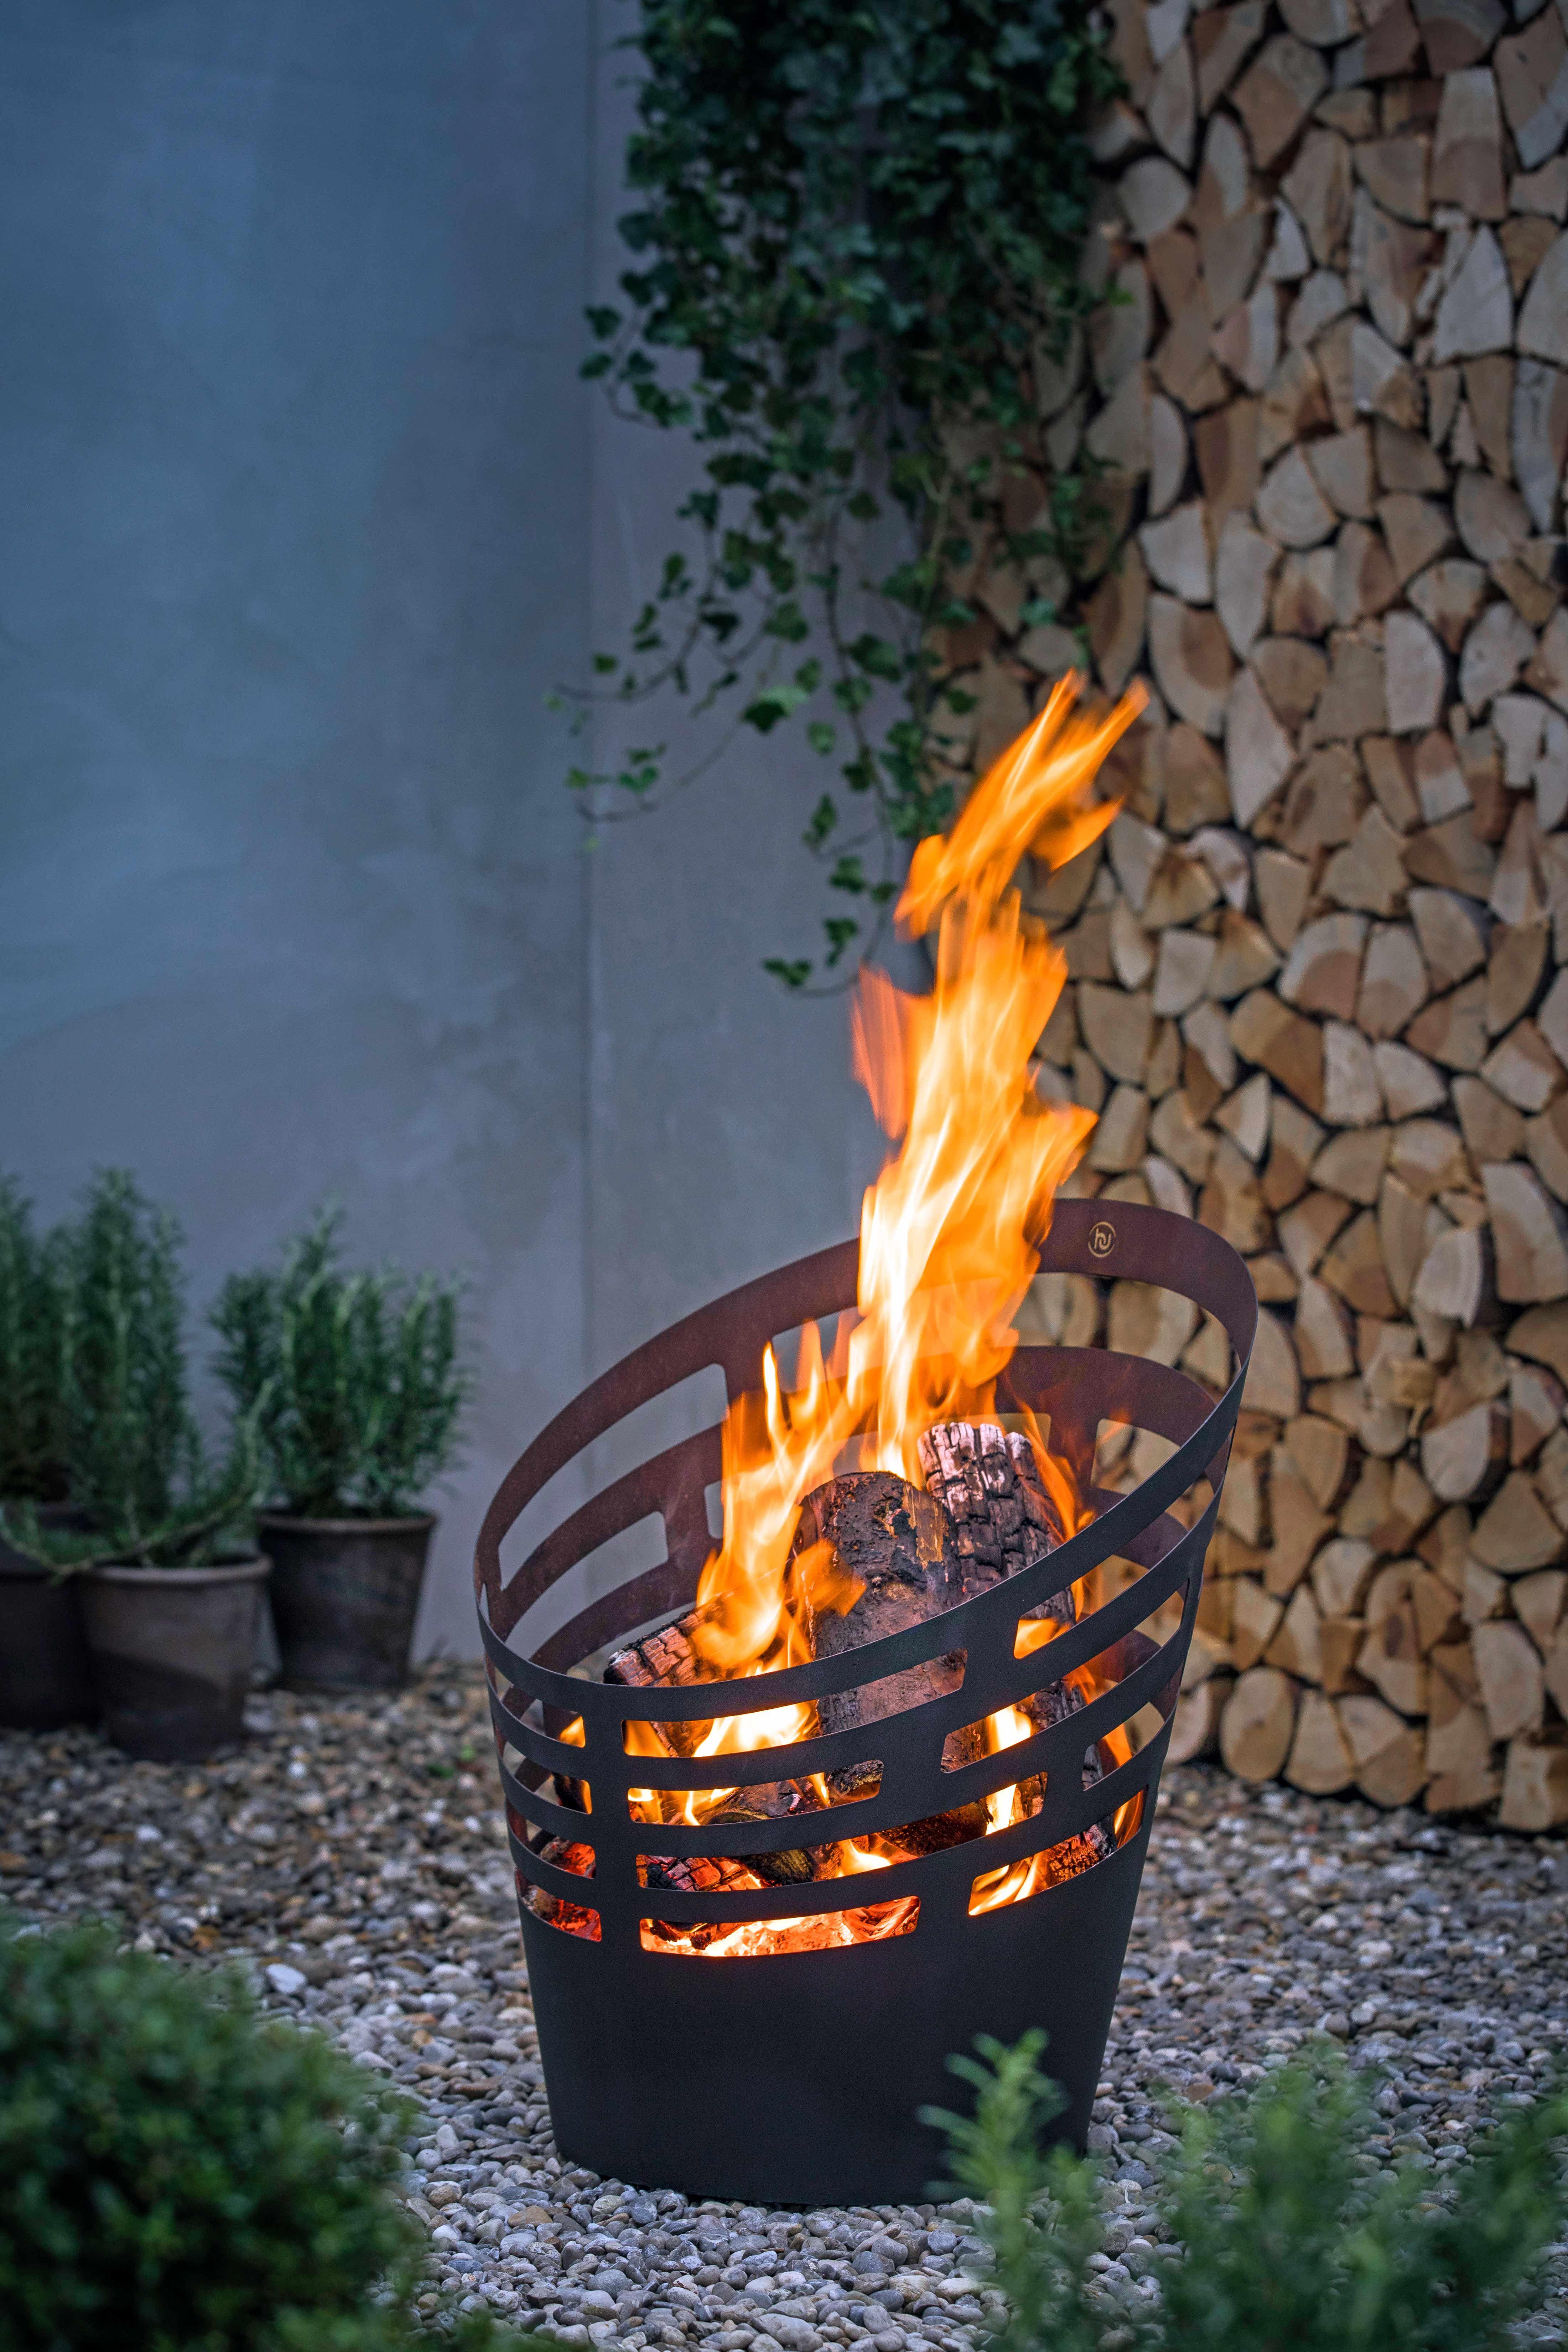 Feuerkorb Feuerkorb Feuerstelle Garten Feuer